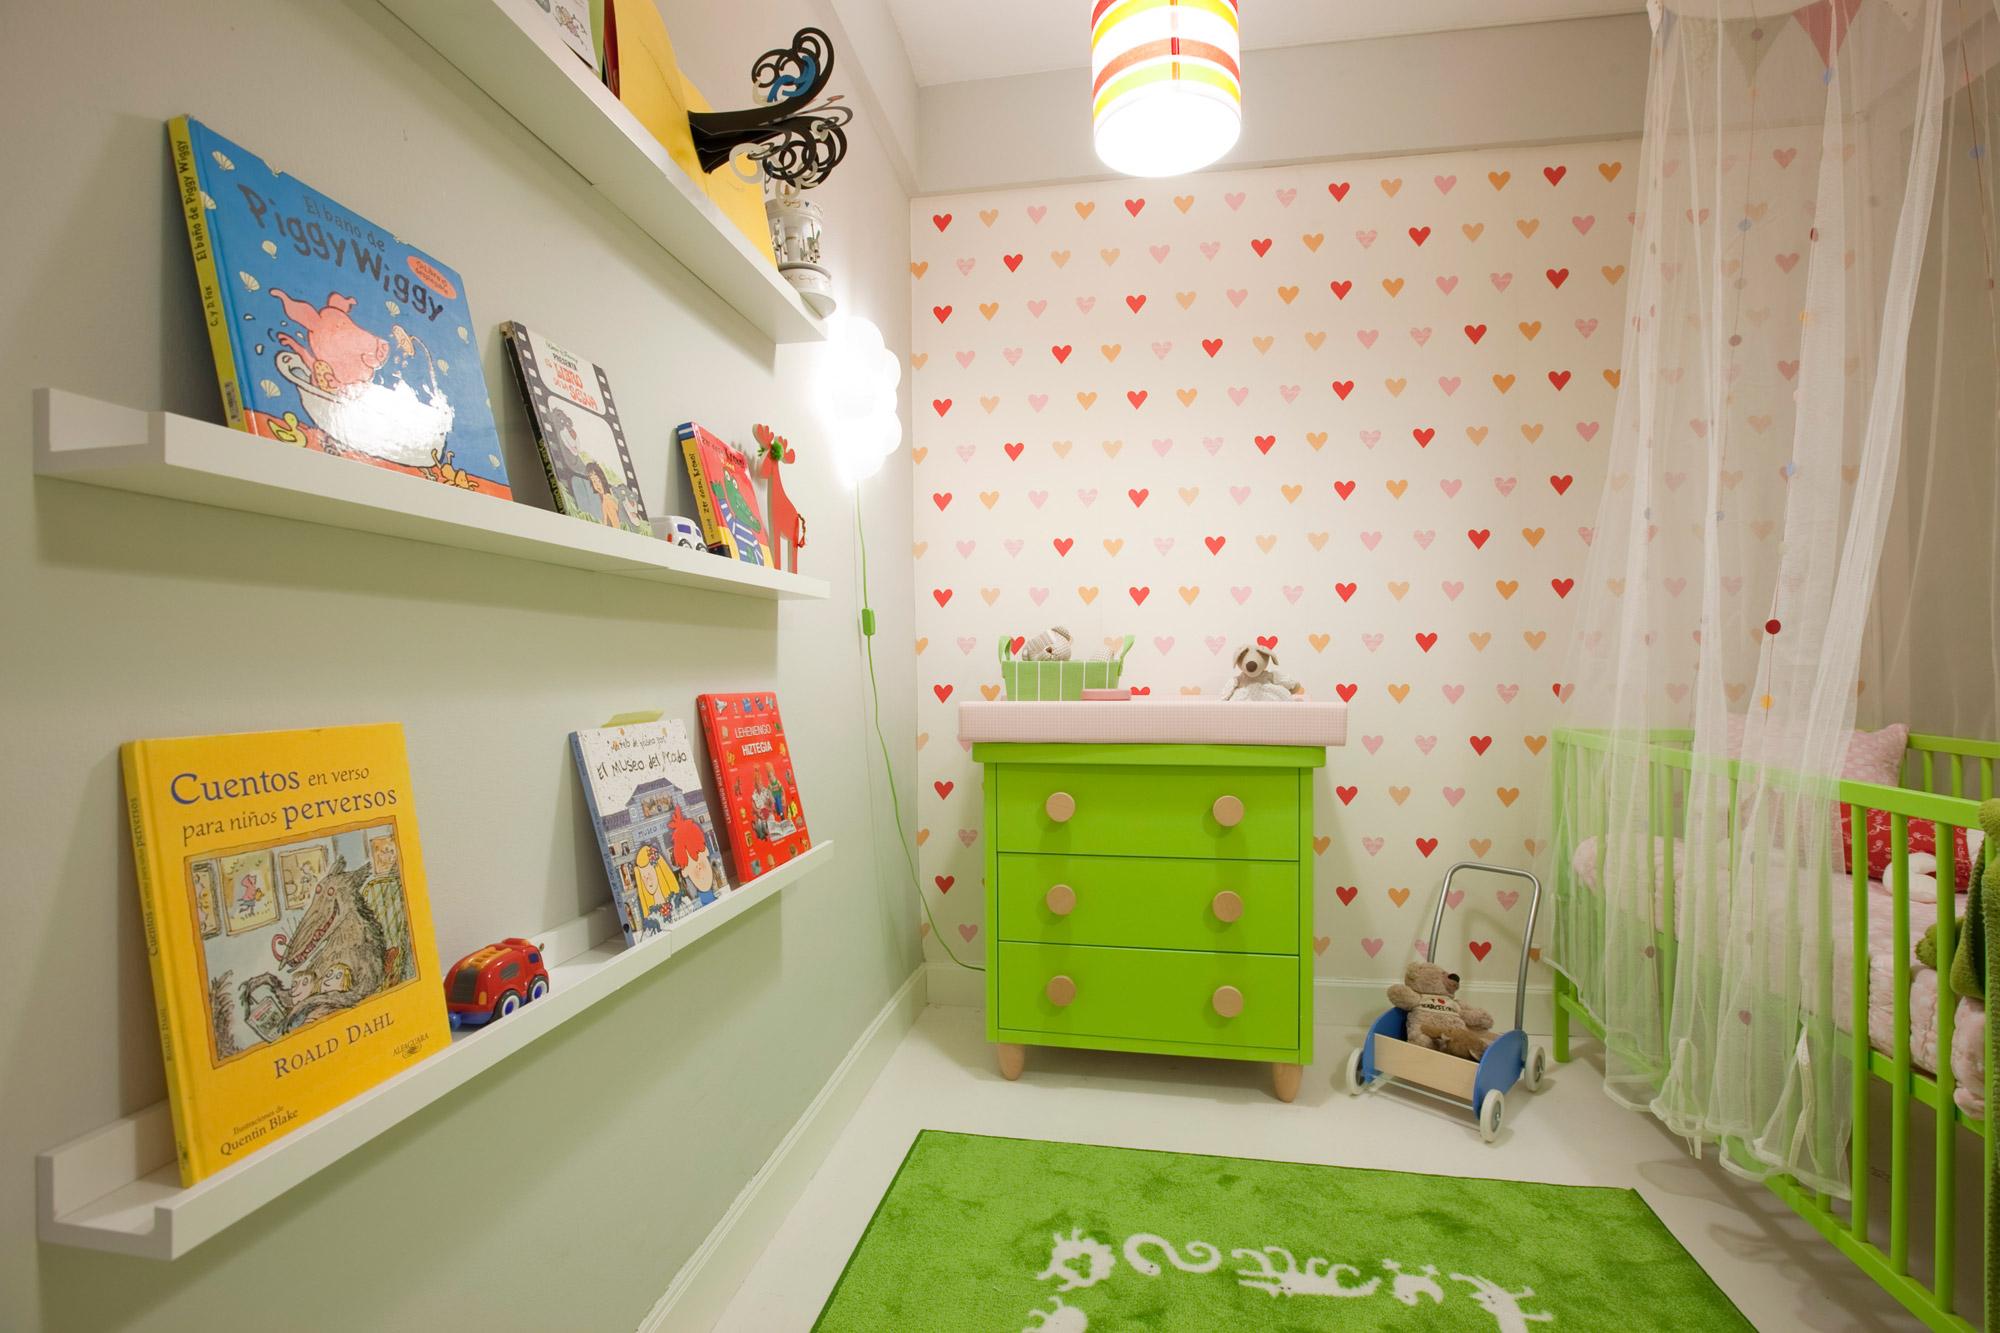 Chambre d'enfants confortable et fonctionnelle